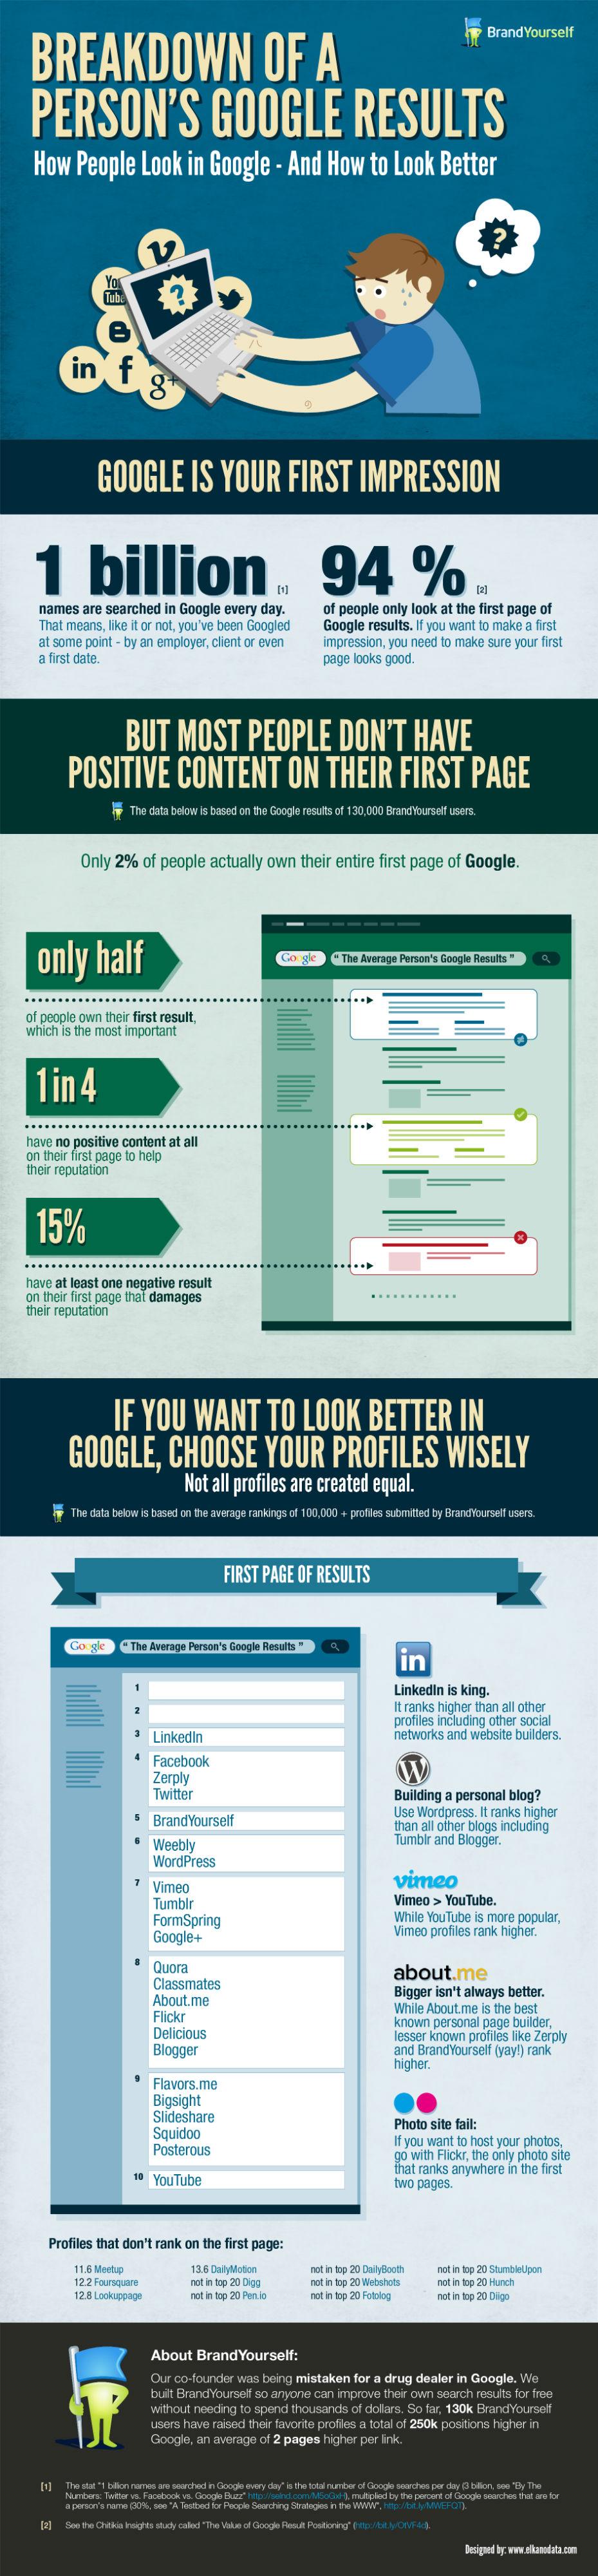 Comment avoir sa marque sur la première page de Google ?